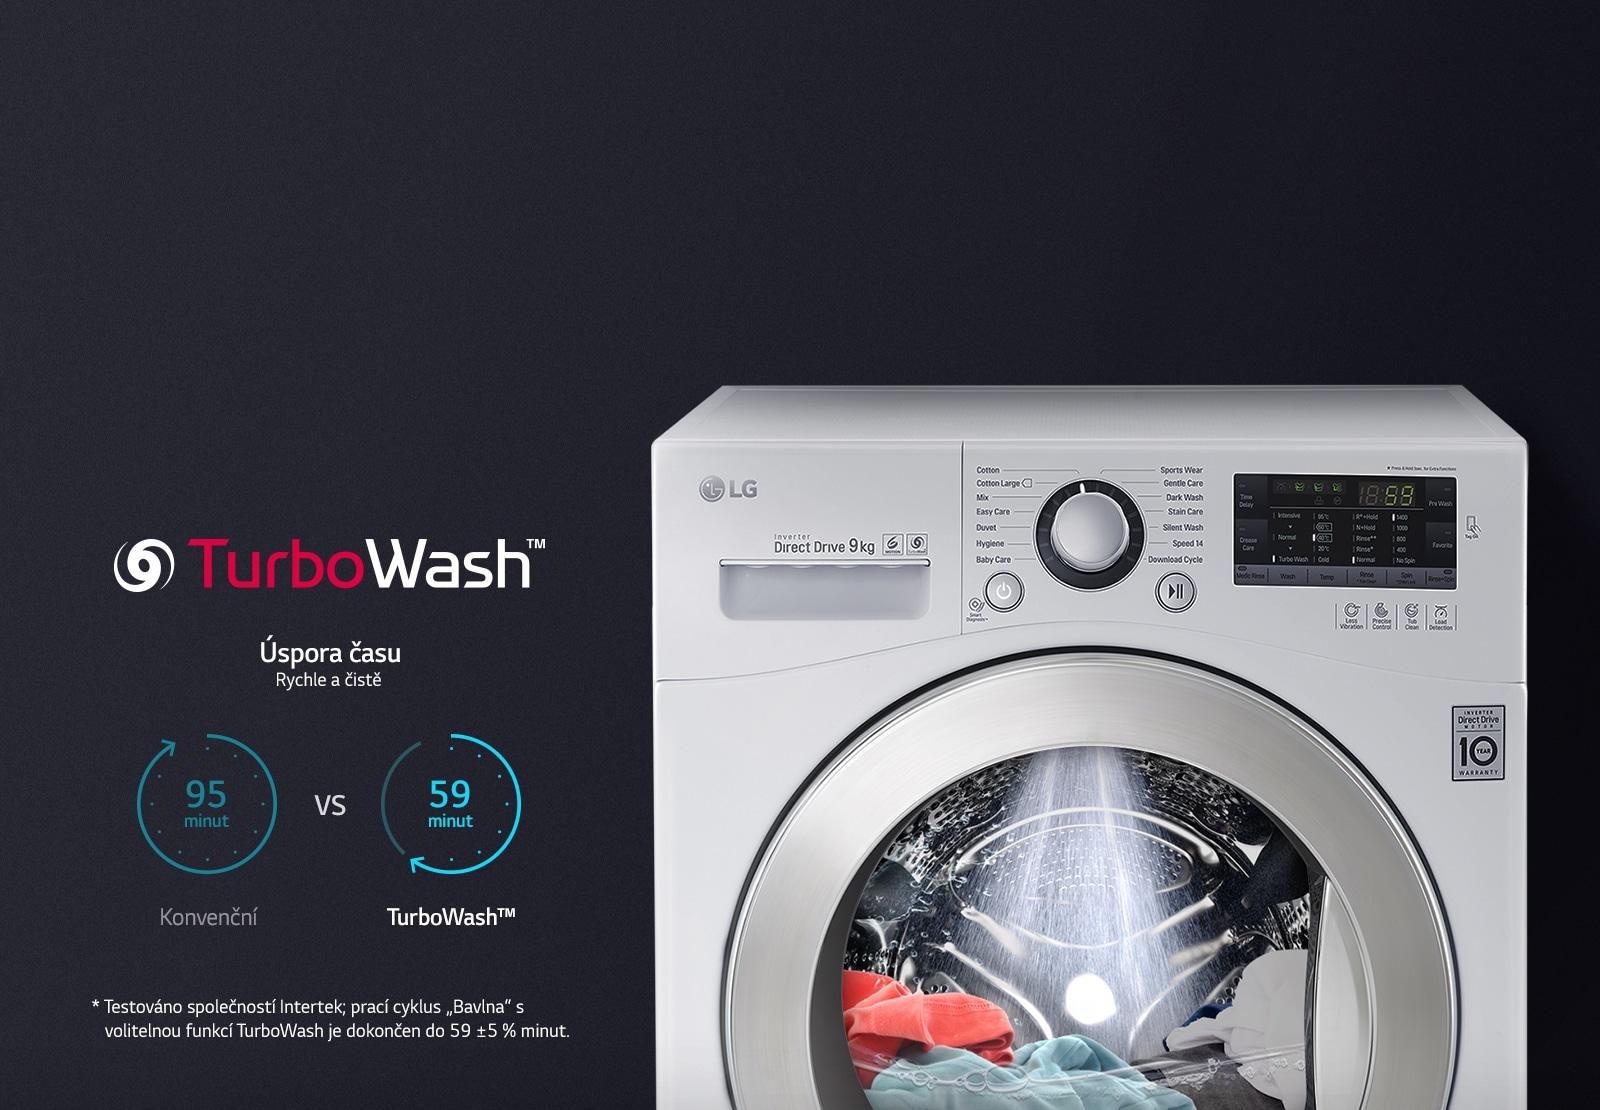 RYCHLÉ a ČISTÉ praní